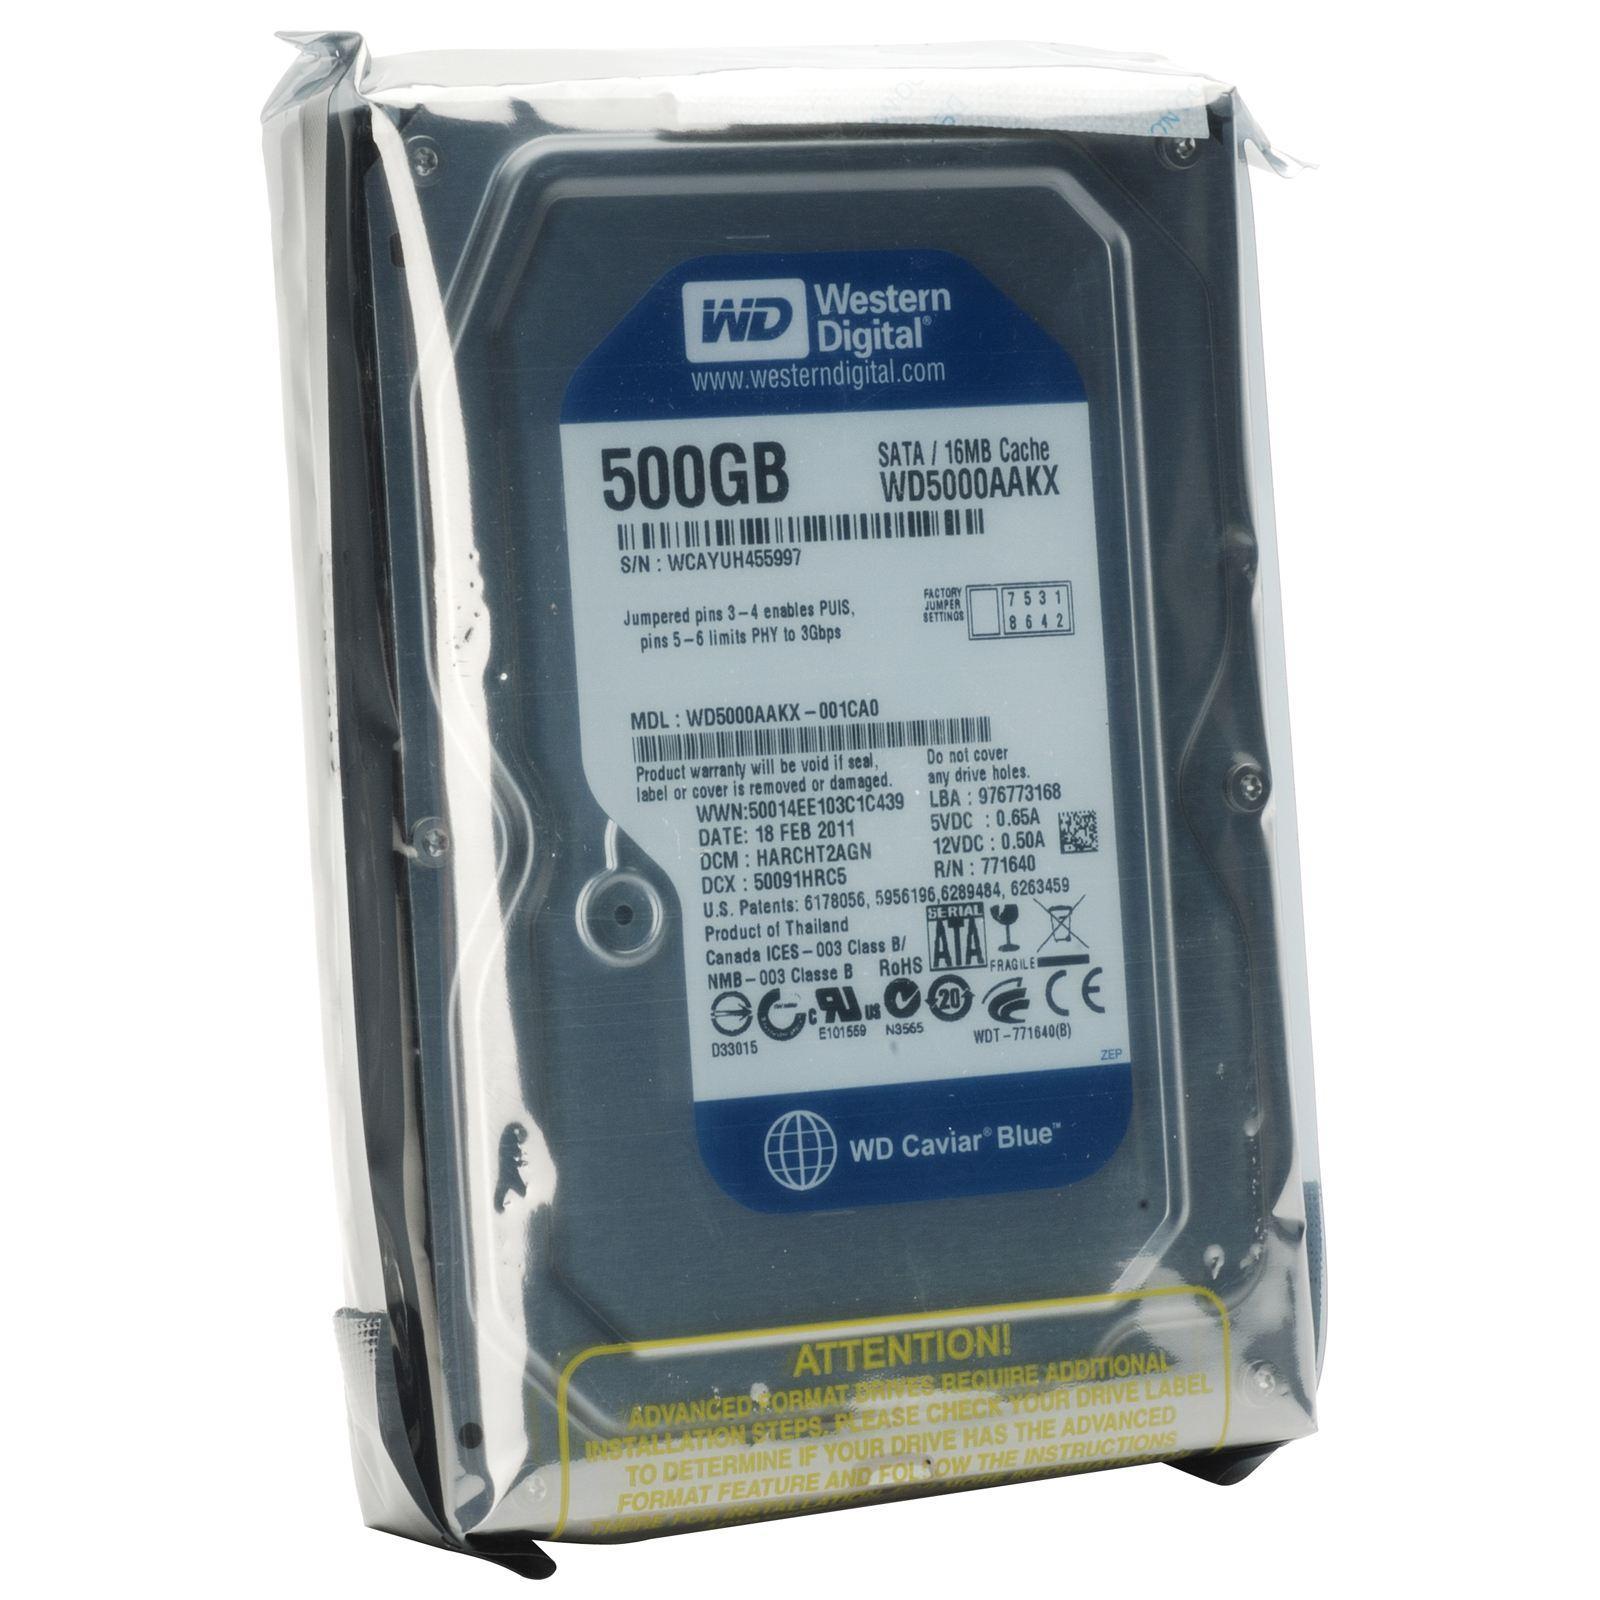 Giá Ổ cứng Western HDD WD Caviar Blue 500GB – Hàng Nhập Khẩu OC 024 Tại Bảo Ngọc Store